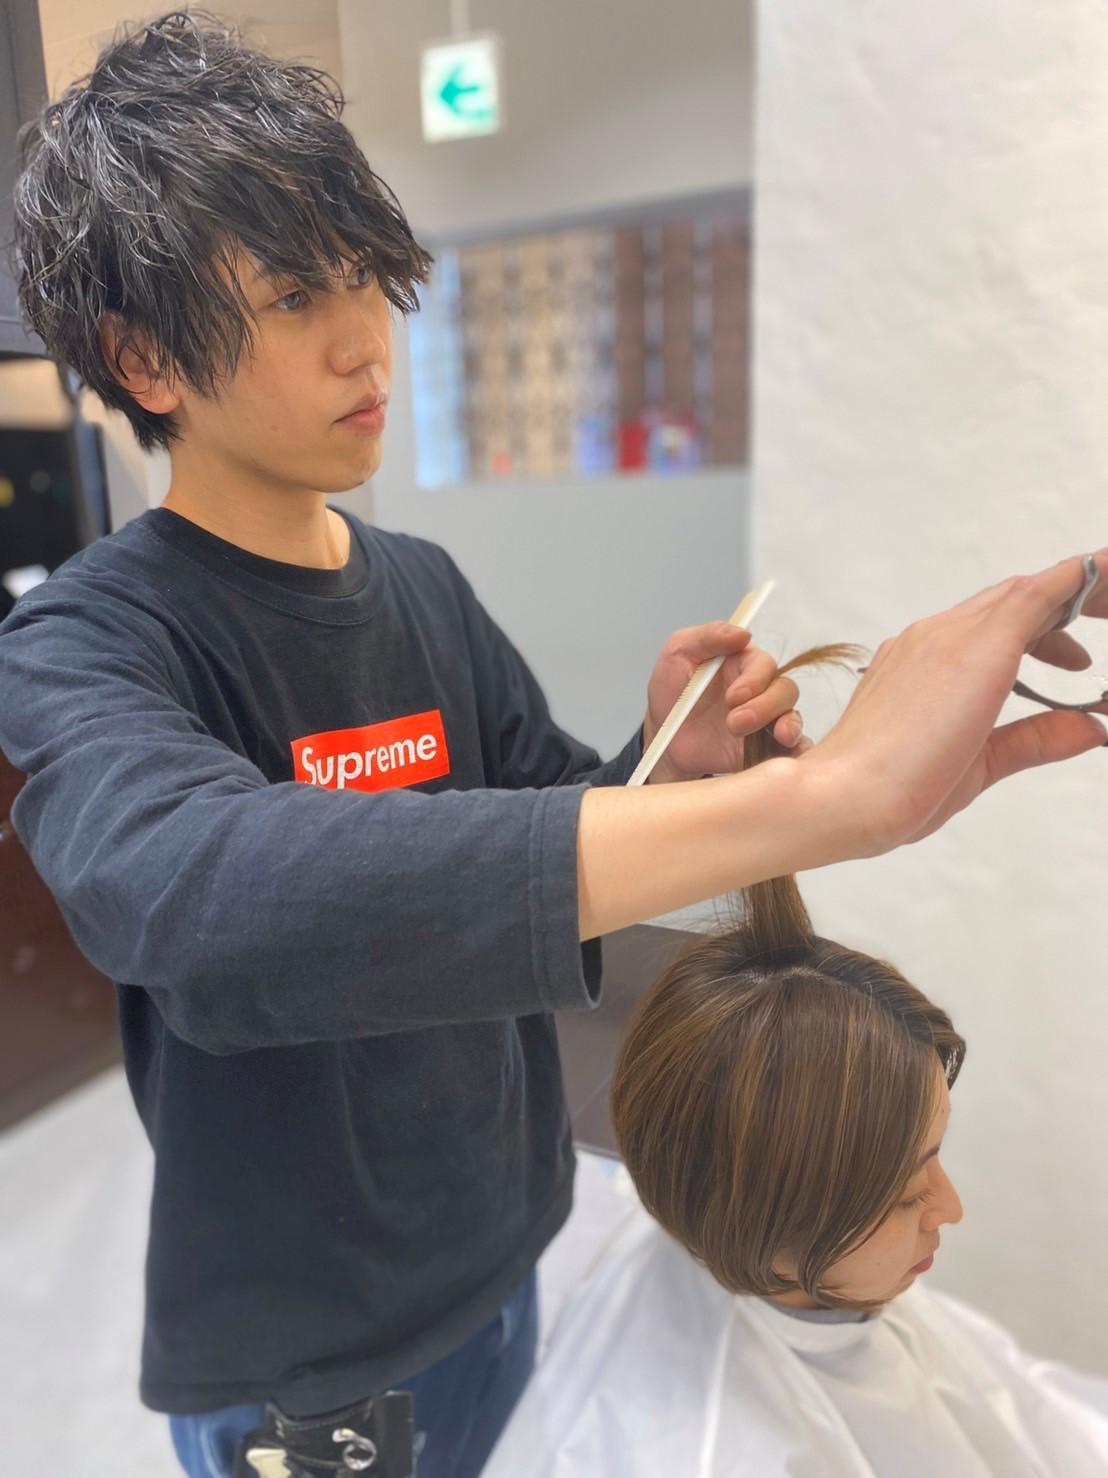 Ryo Kawashima